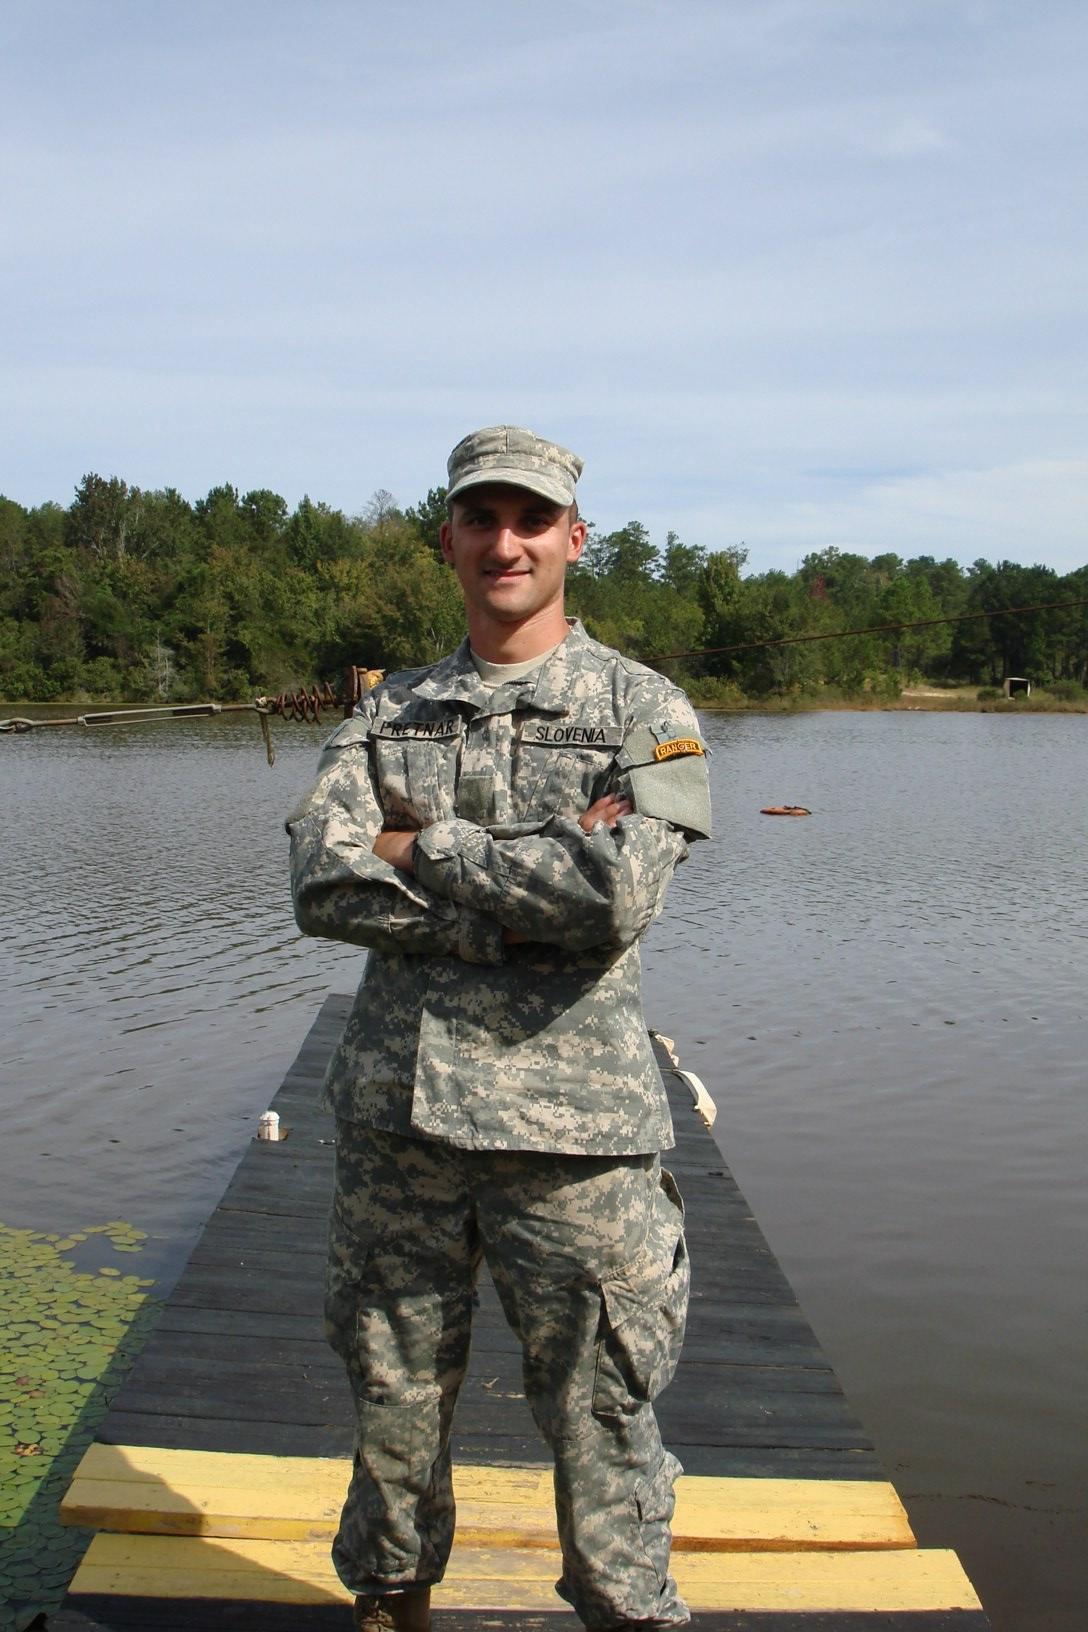 Major Pretnar